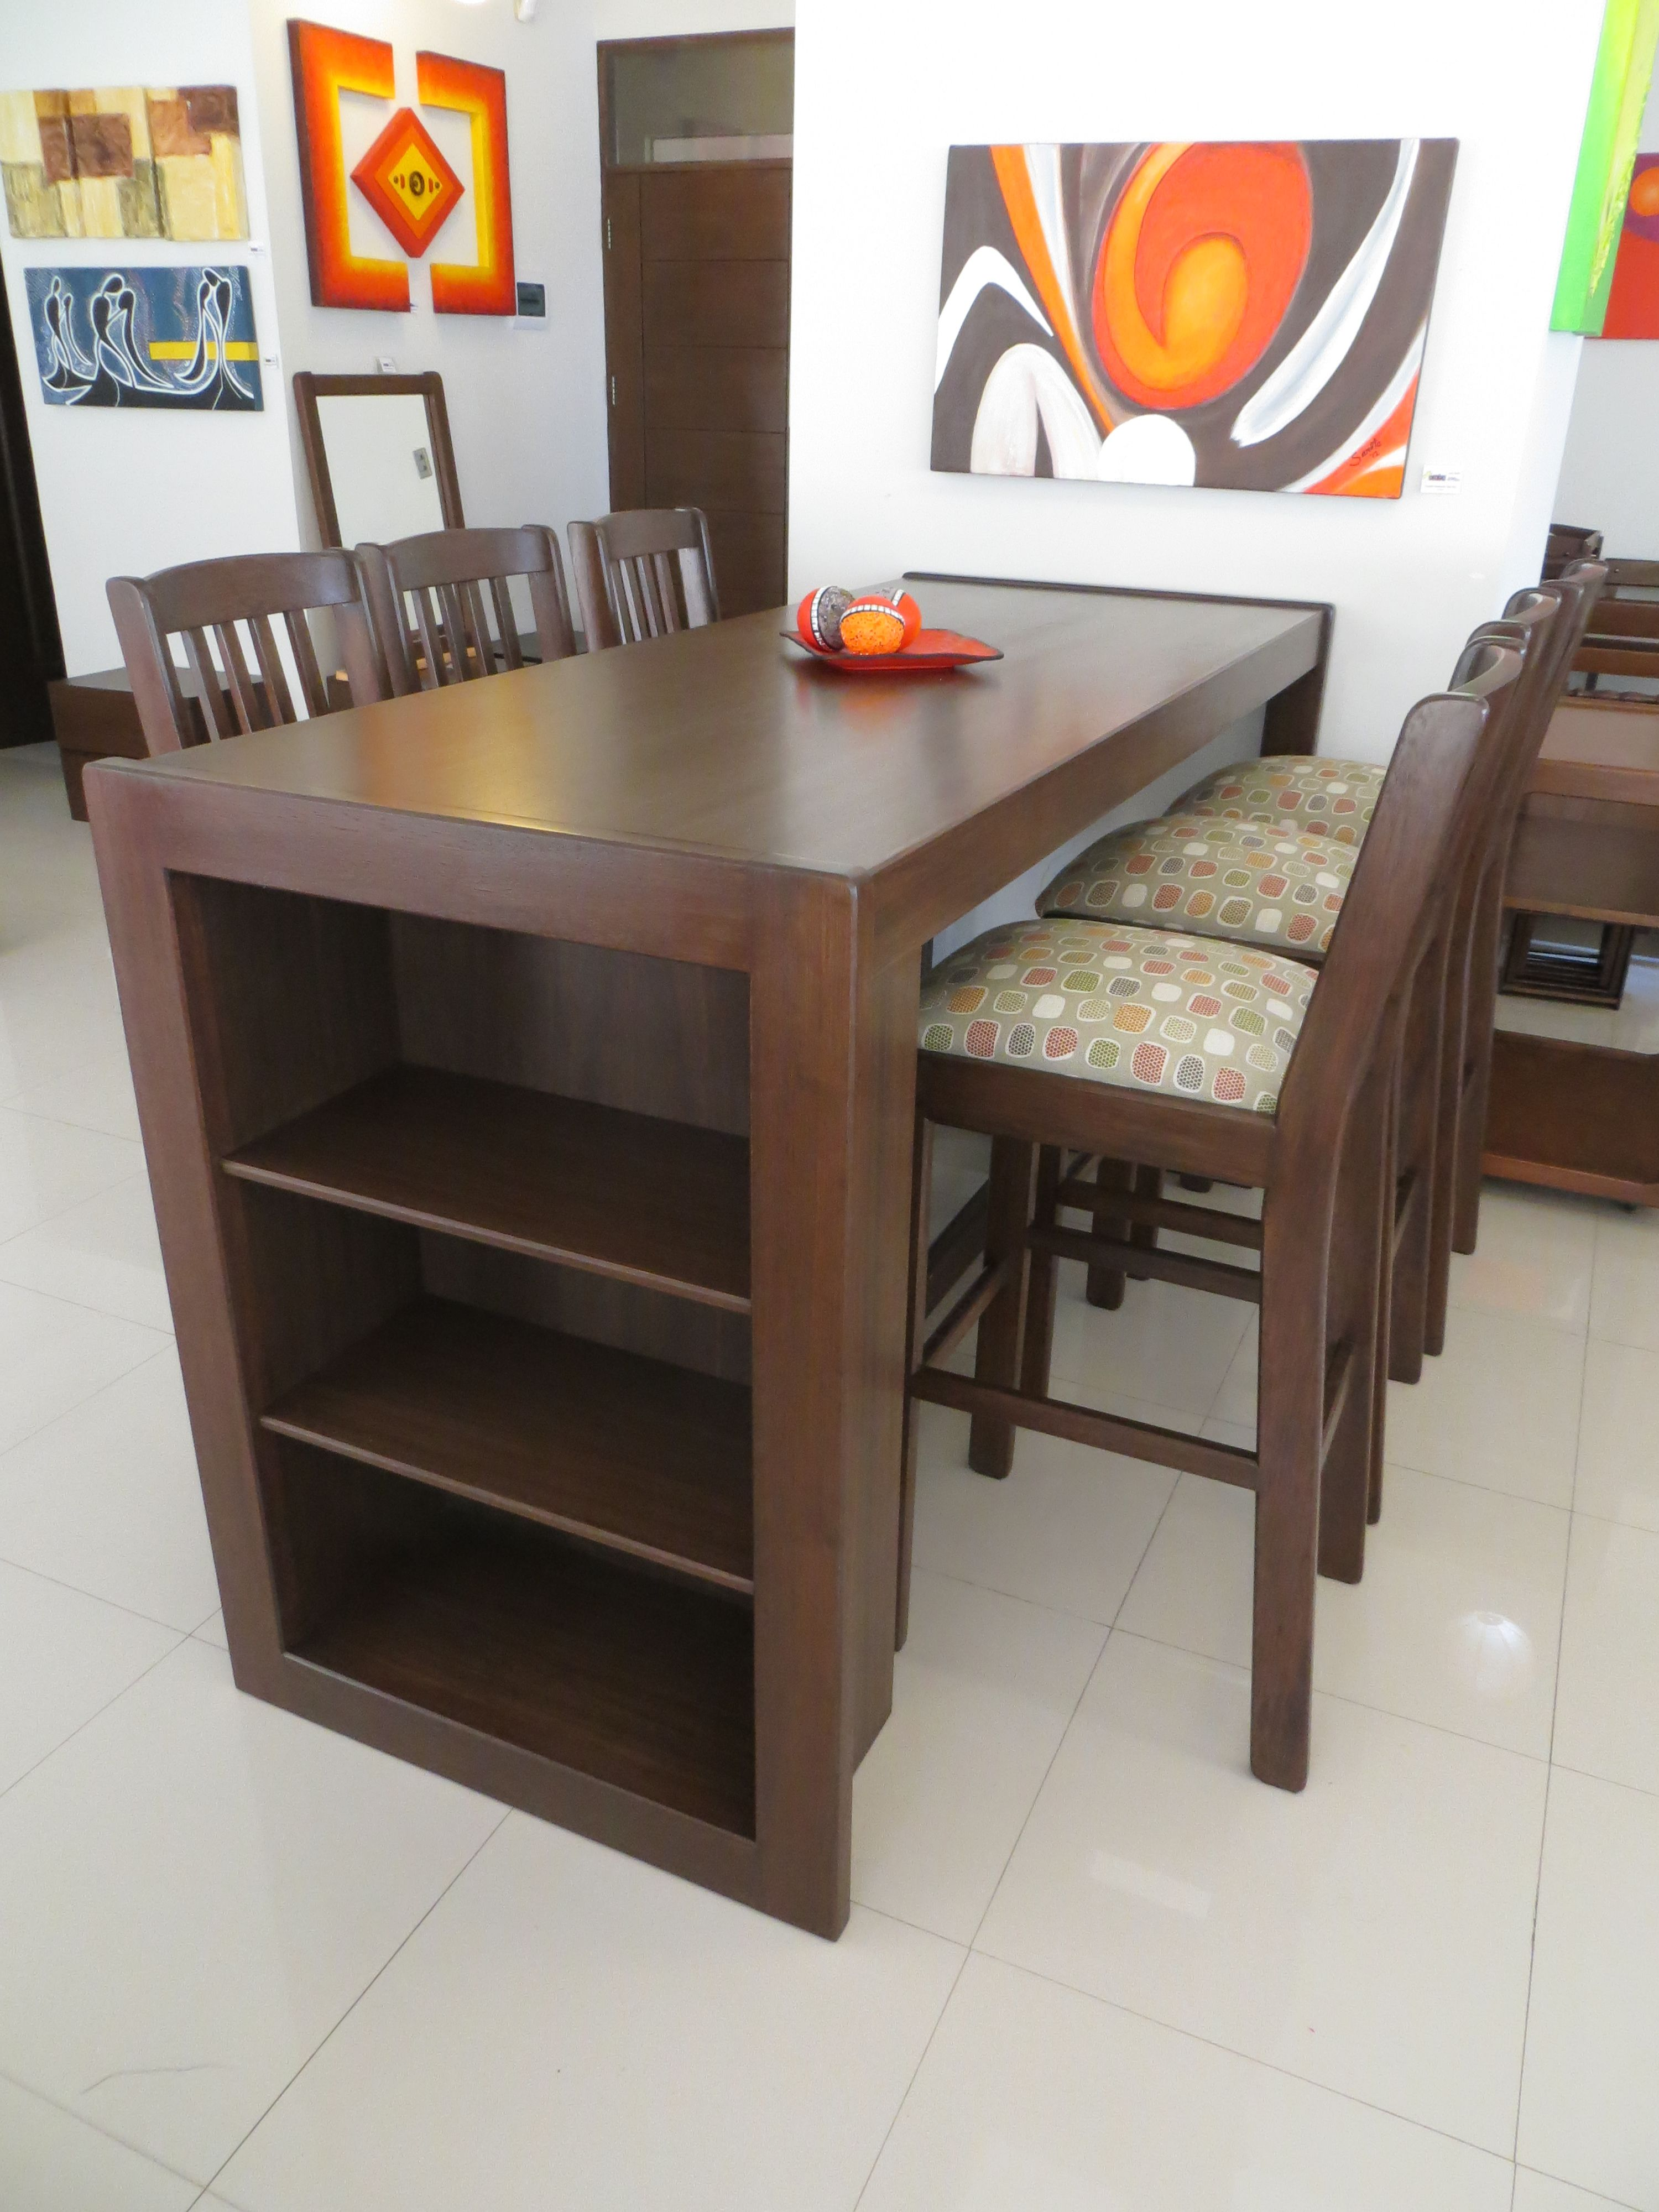 Comedor de diario con 6 sillas altas espacio con repisas en mara macho muebles - Sillas altas de cocina ...